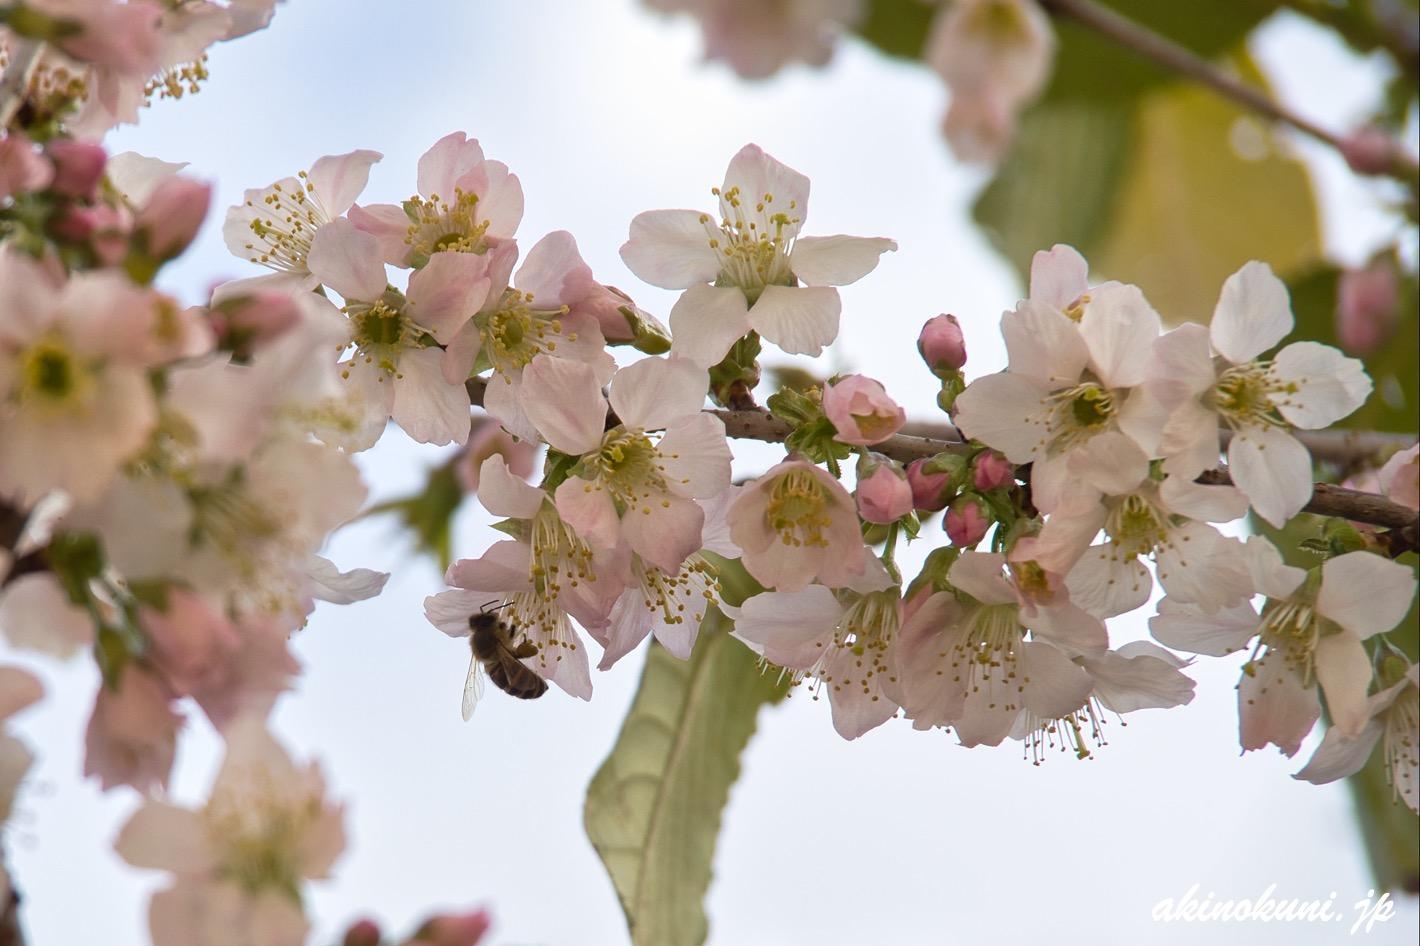 光が丘山根公園の冬桜 蜂も蜜を求めて